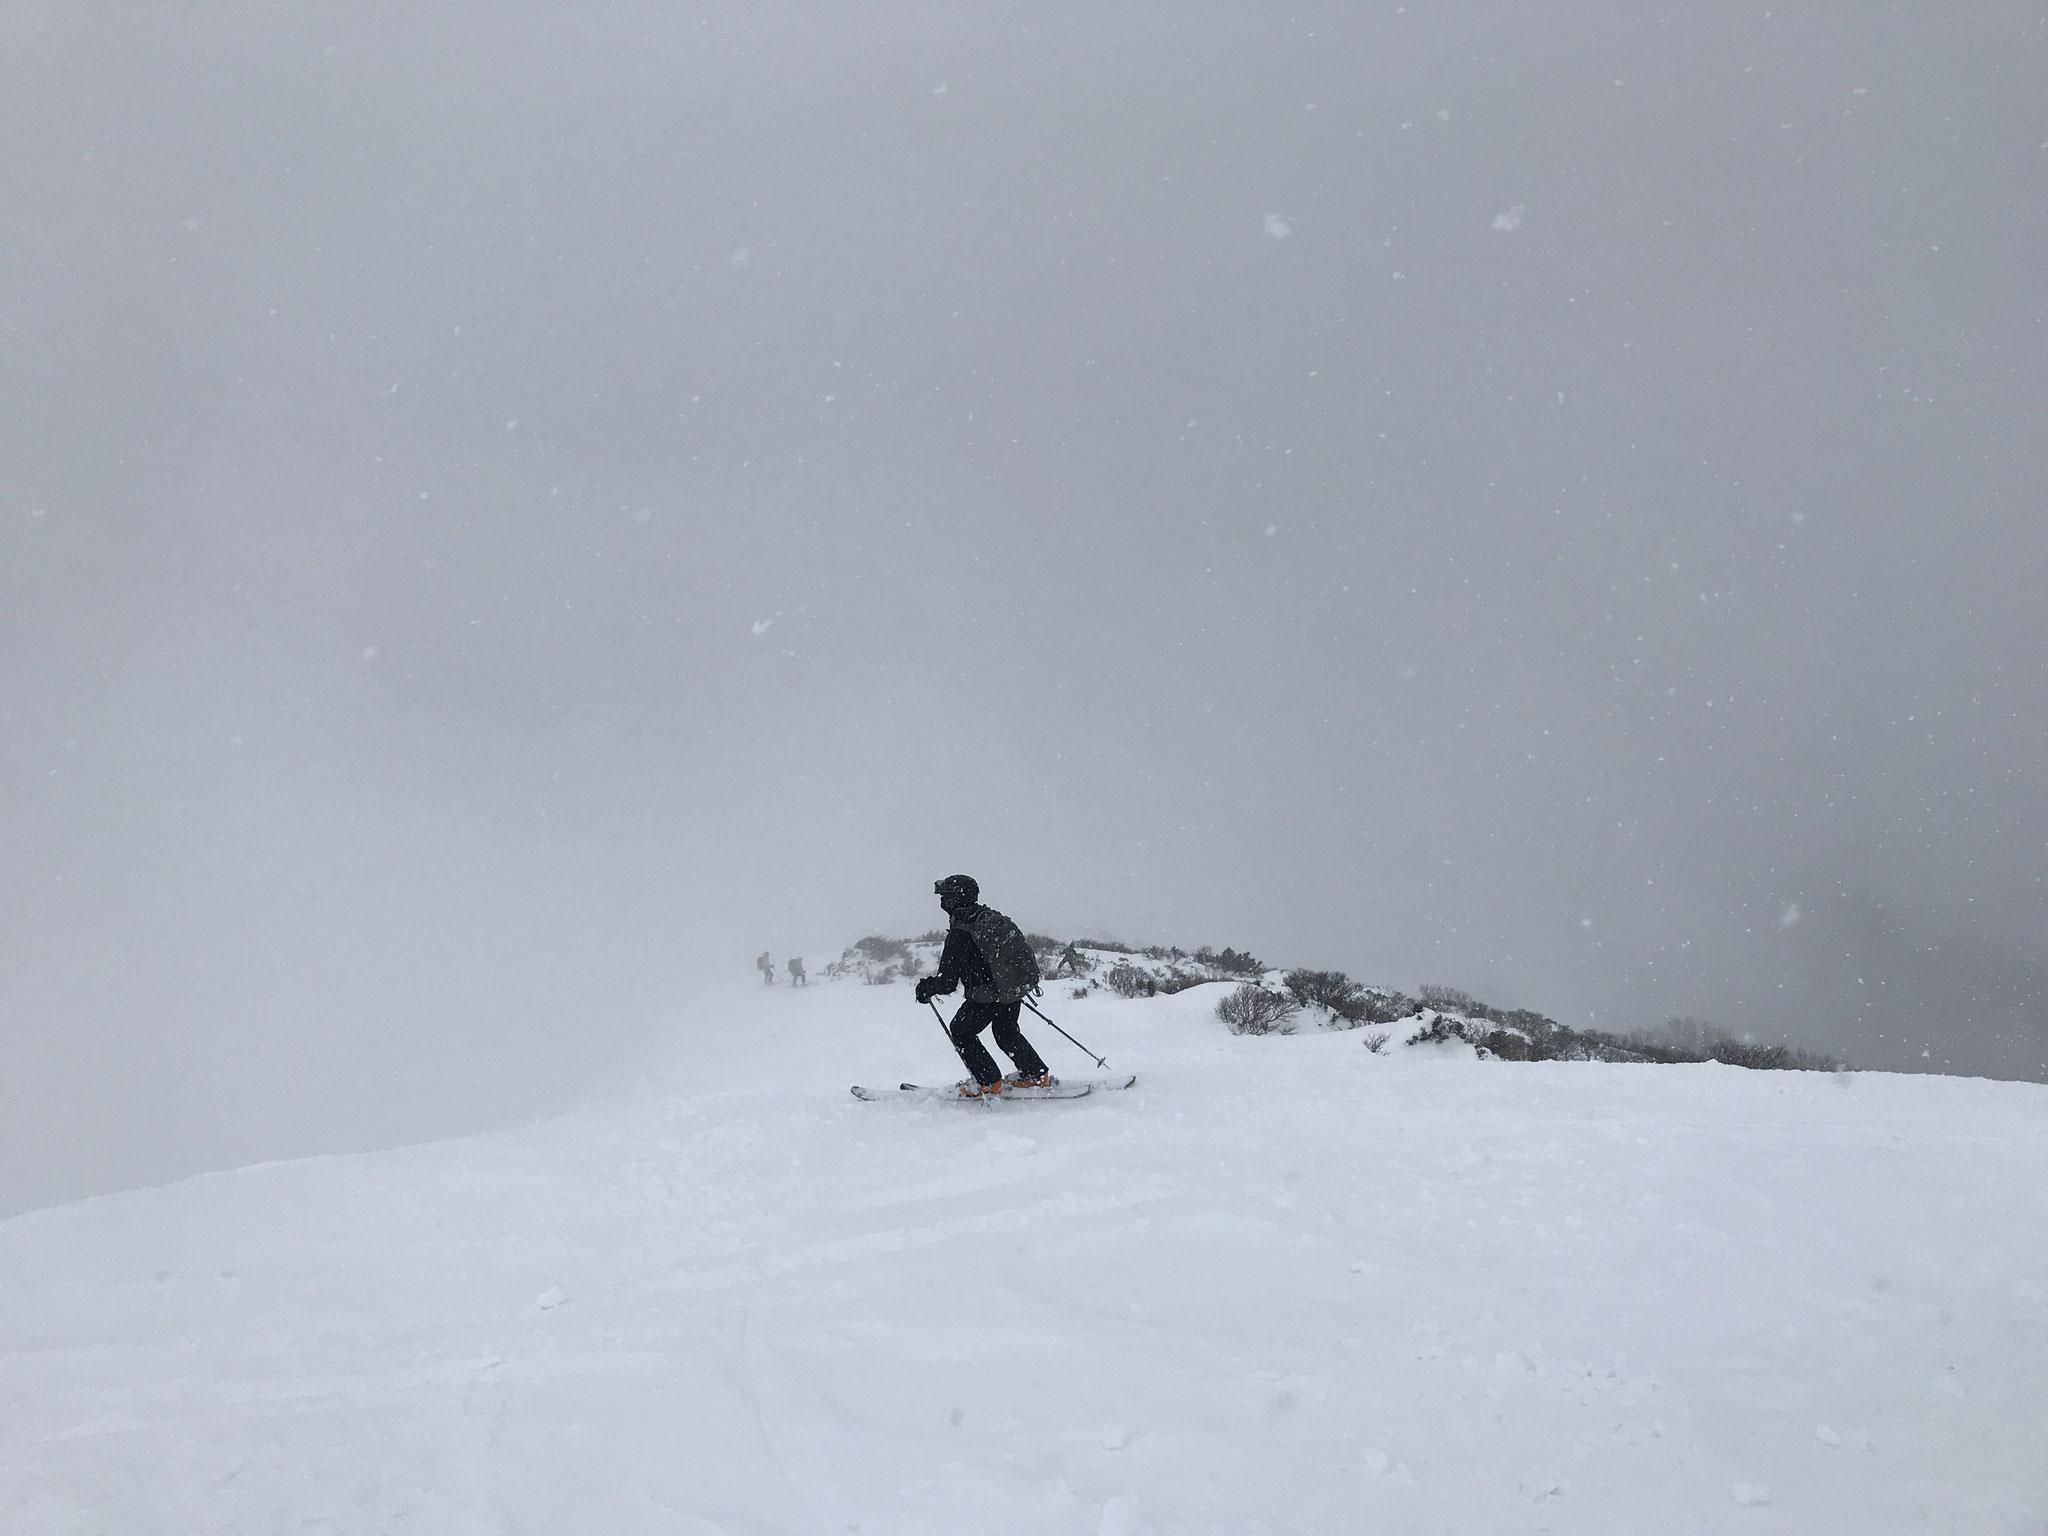 11:40 往路の尾根を滑る、新雪で楽しい斜面